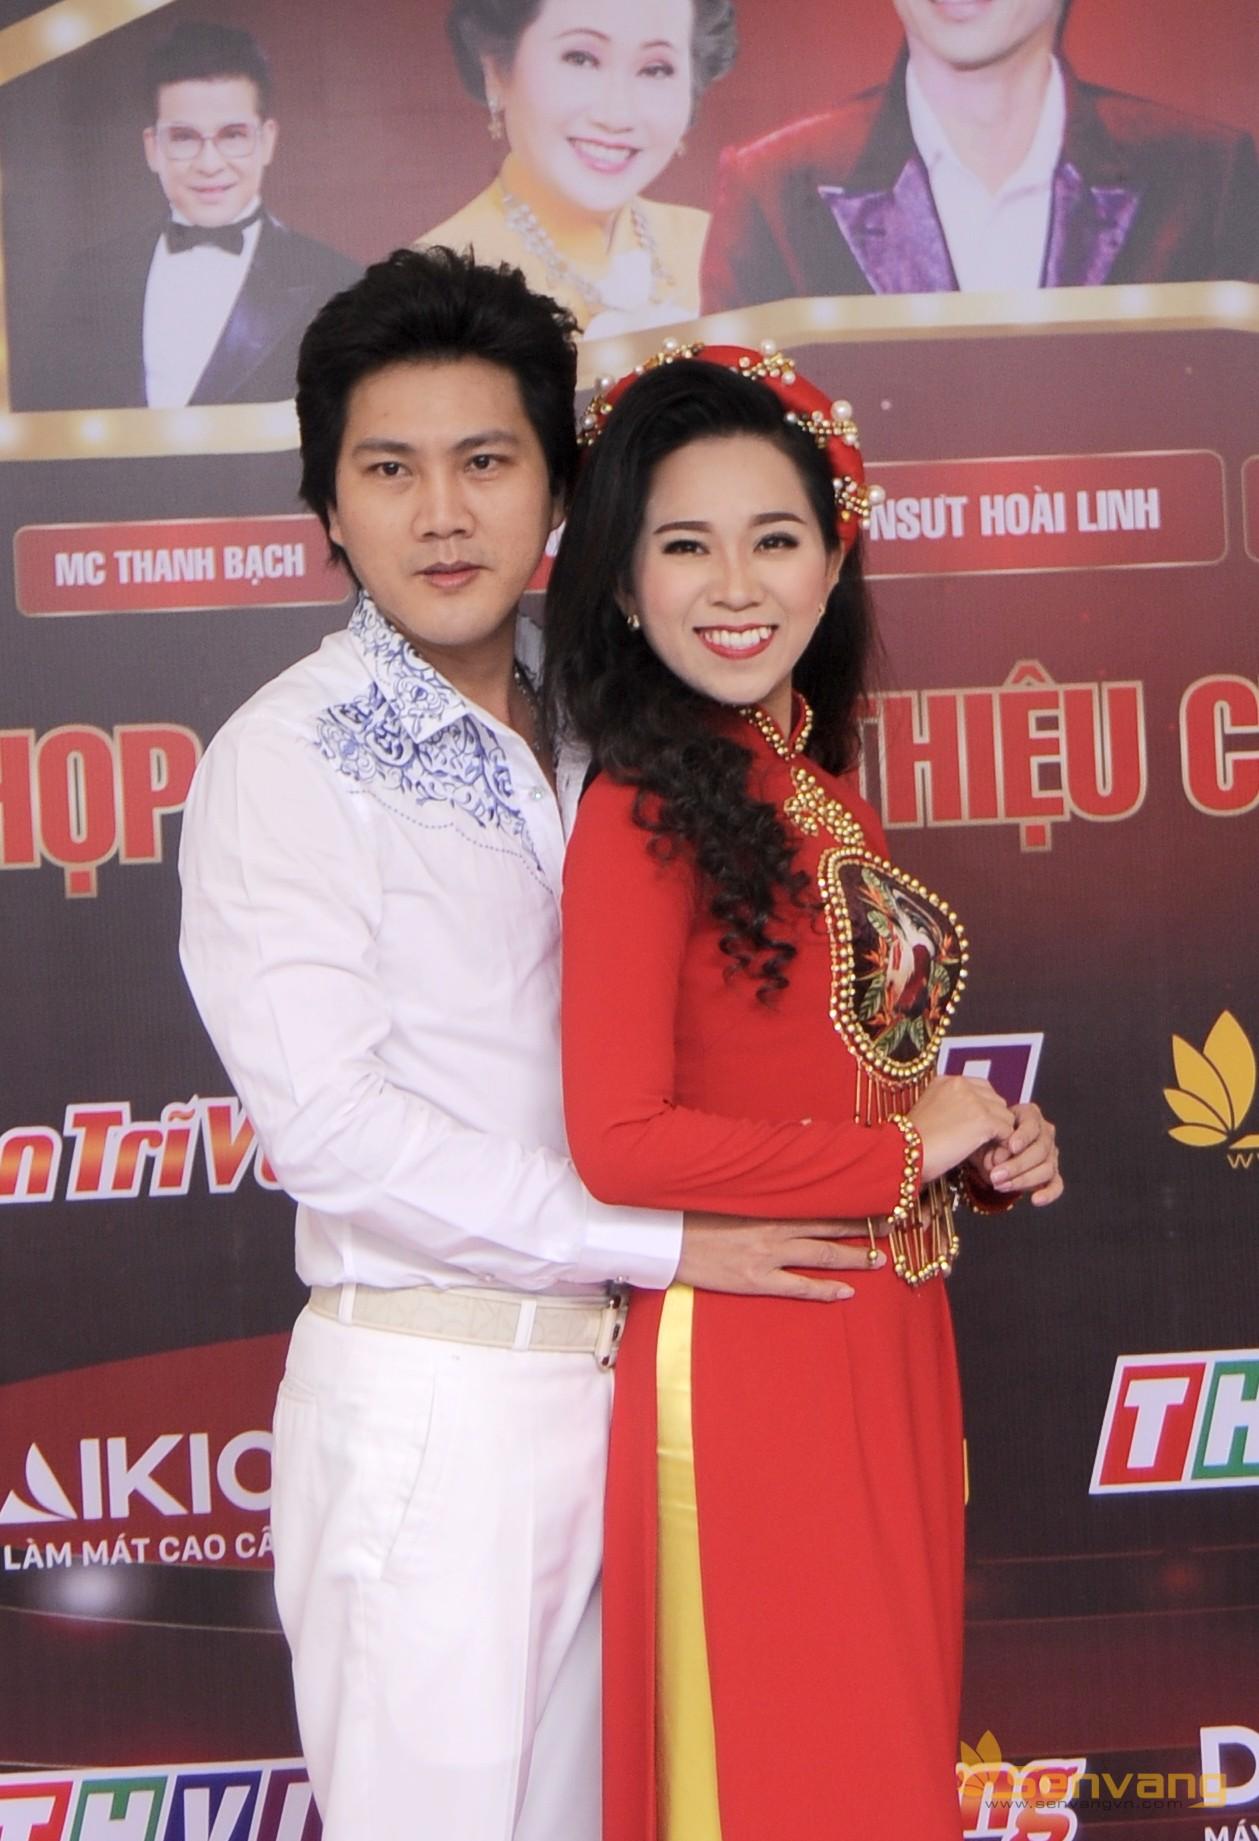 Hồng Phượng - Đào Vũ Thanh